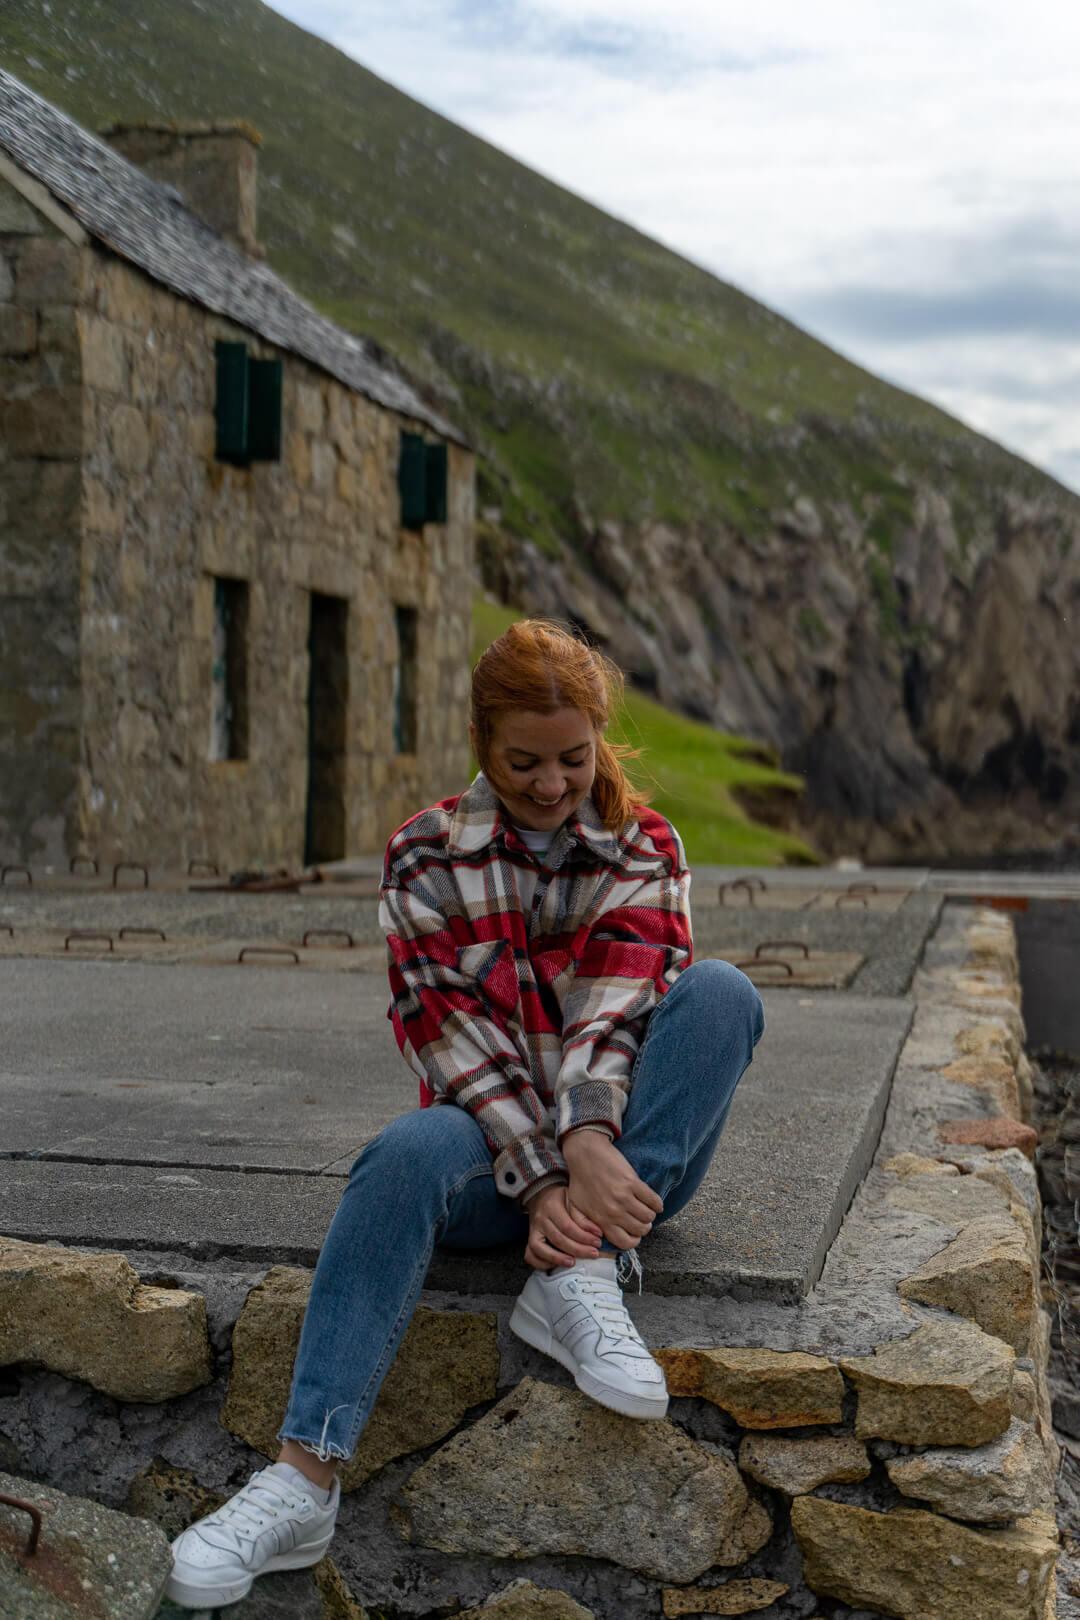 Lauren and building on St Kilda